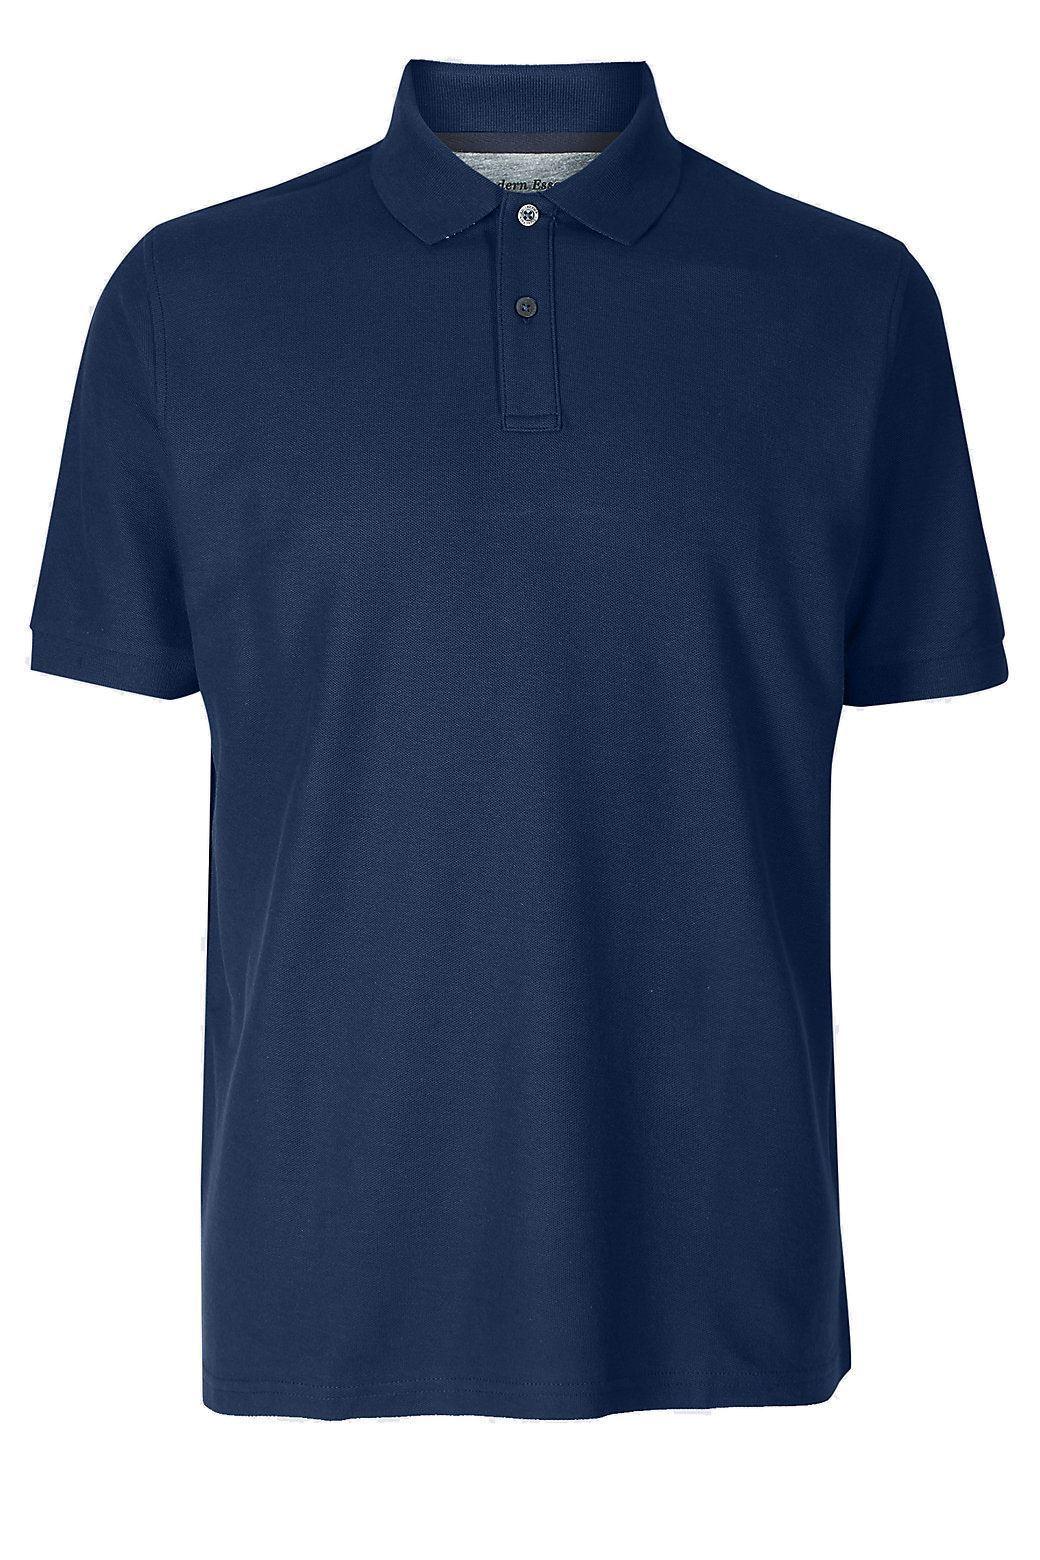 Marks-amp-Spencer-Camisa-Polo-Para-Hombre-Algodon-Clasico-M-amp-S-todos-los-colores-y-tamanos-de miniatura 19